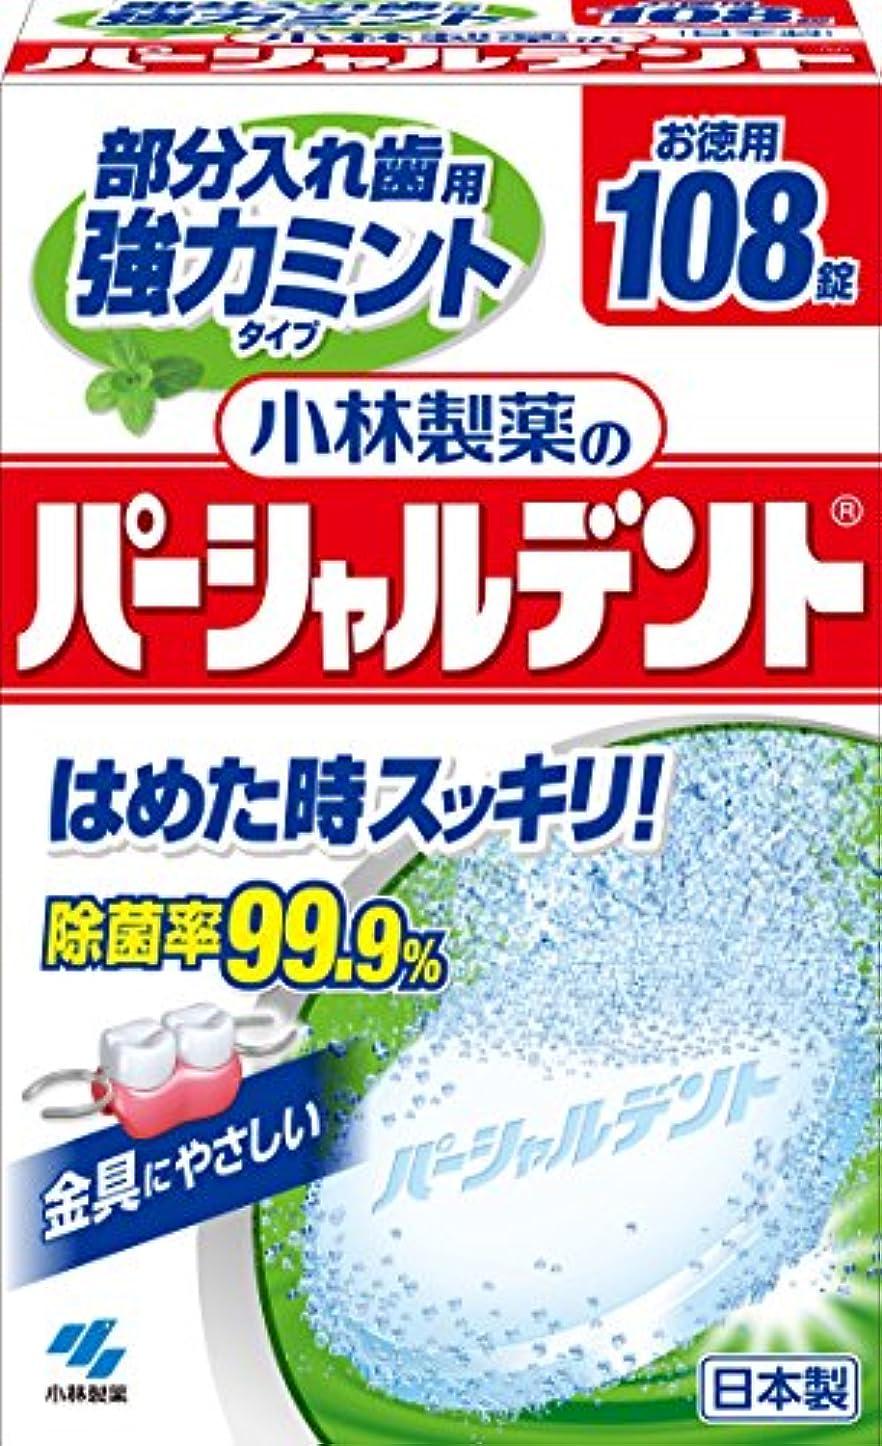 固有の農業耐えられない小林製薬のパーシャルデント強力ミント 部分入れ歯用 洗浄剤 ミントの香り 108錠